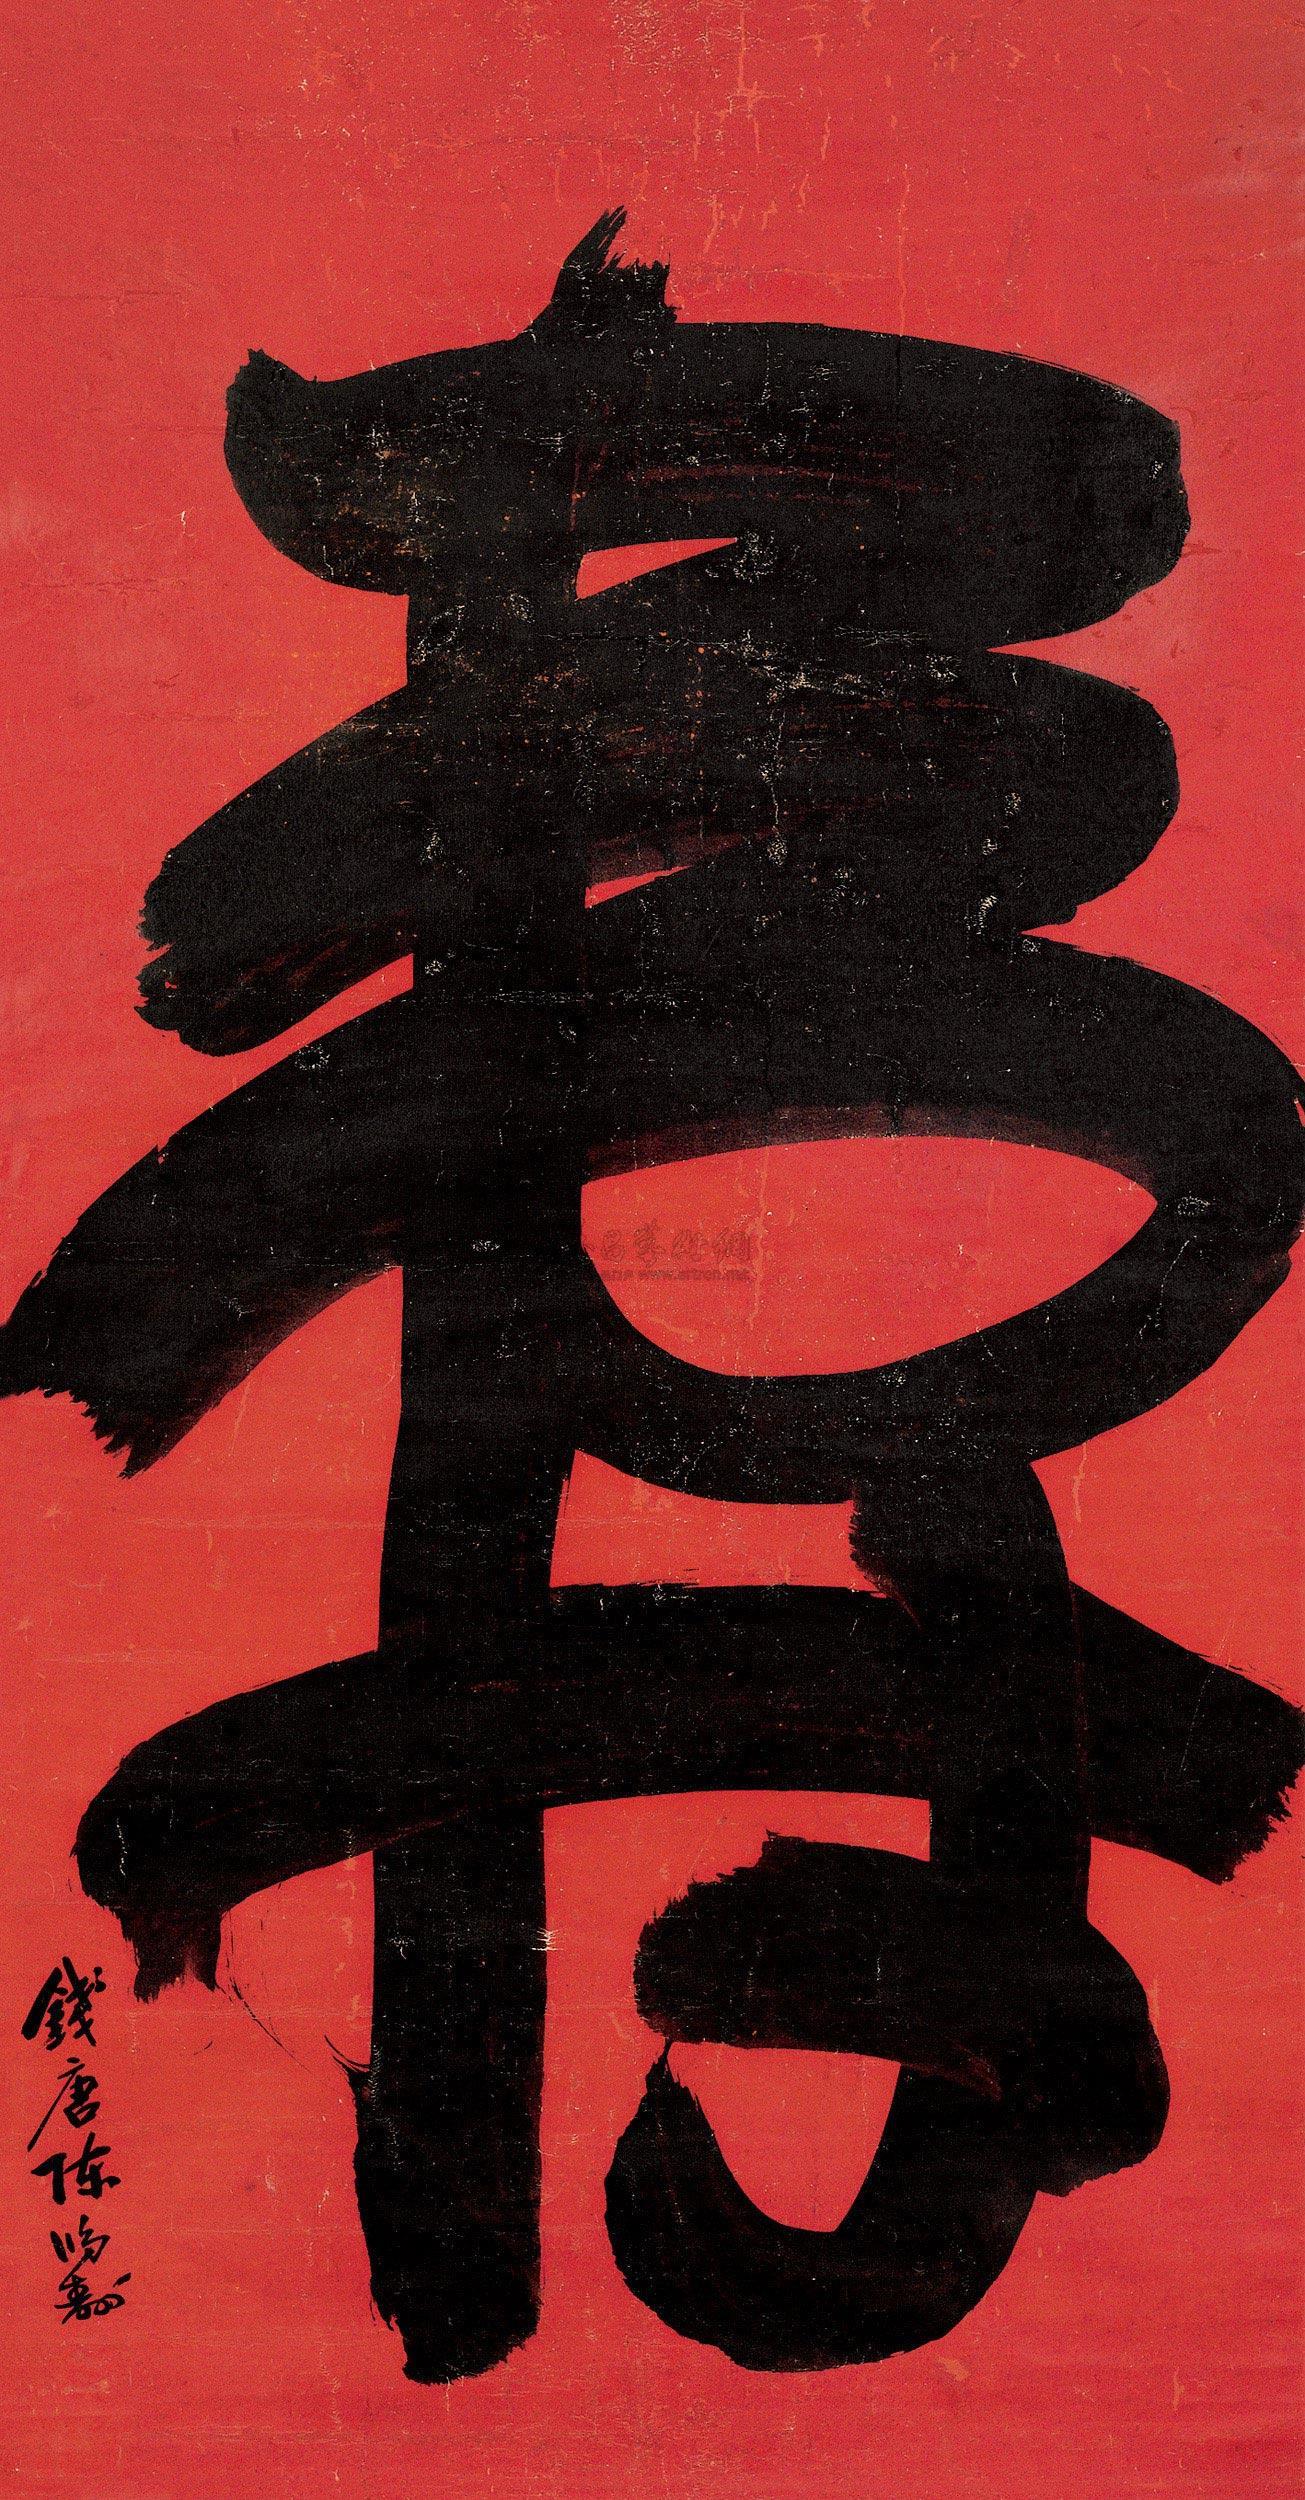 寿字背景图